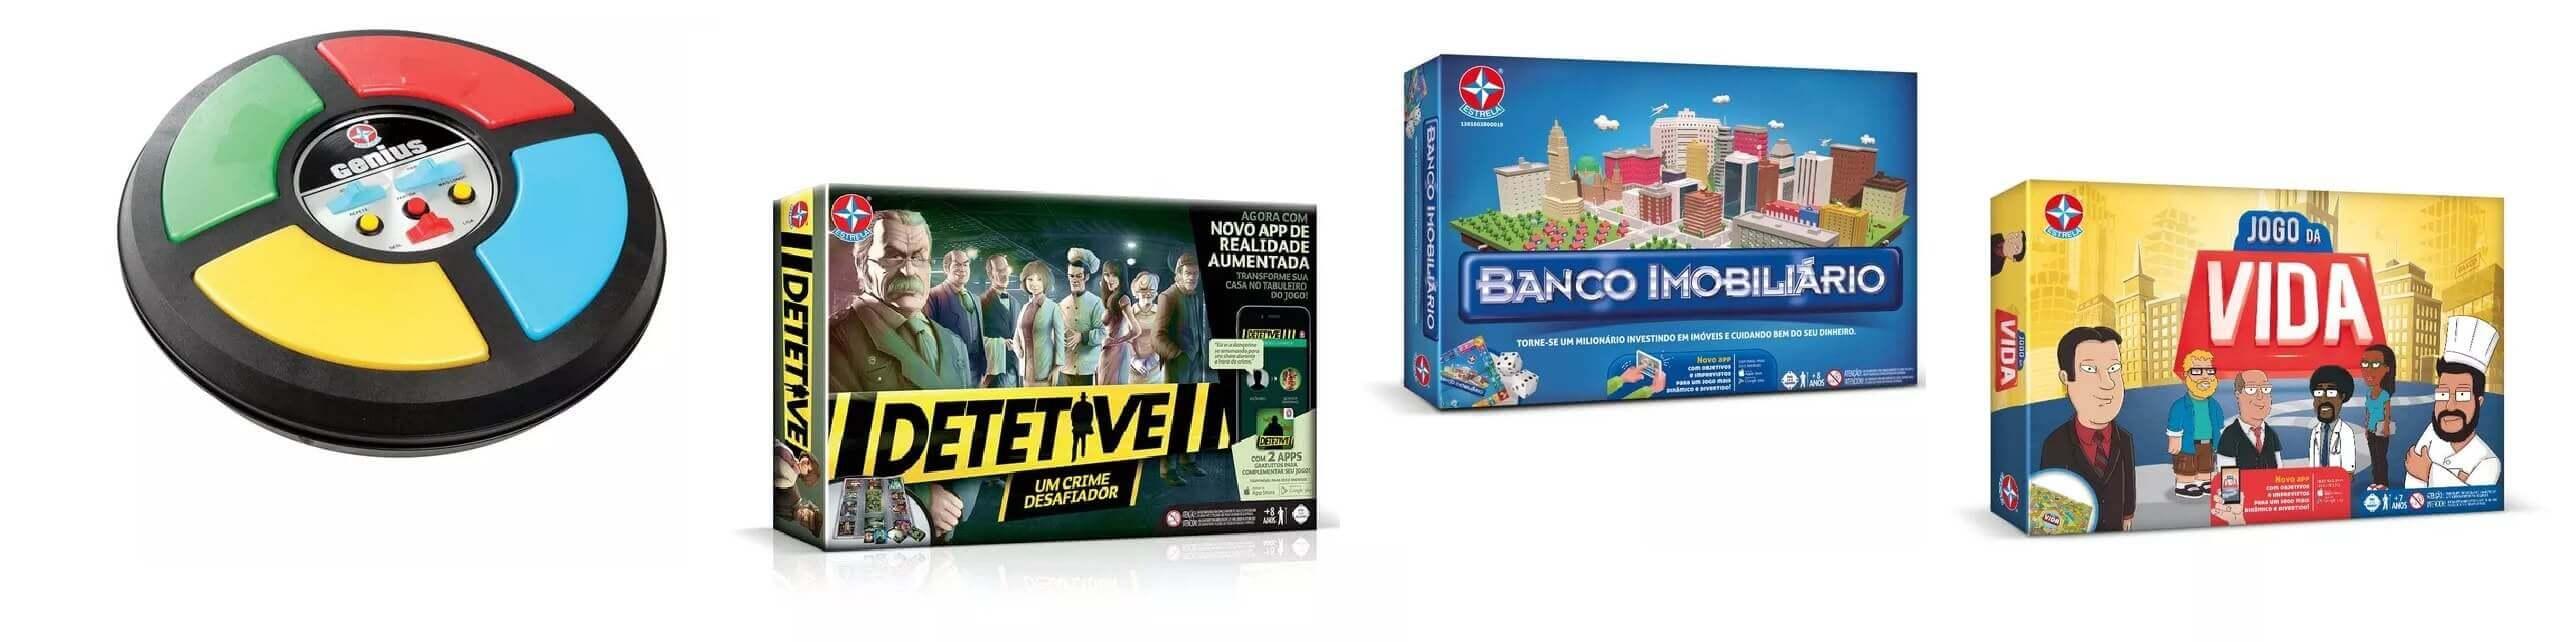 Montagem com o jogo genius, detetive, banco imobiliario e jogo da vida da Estrela